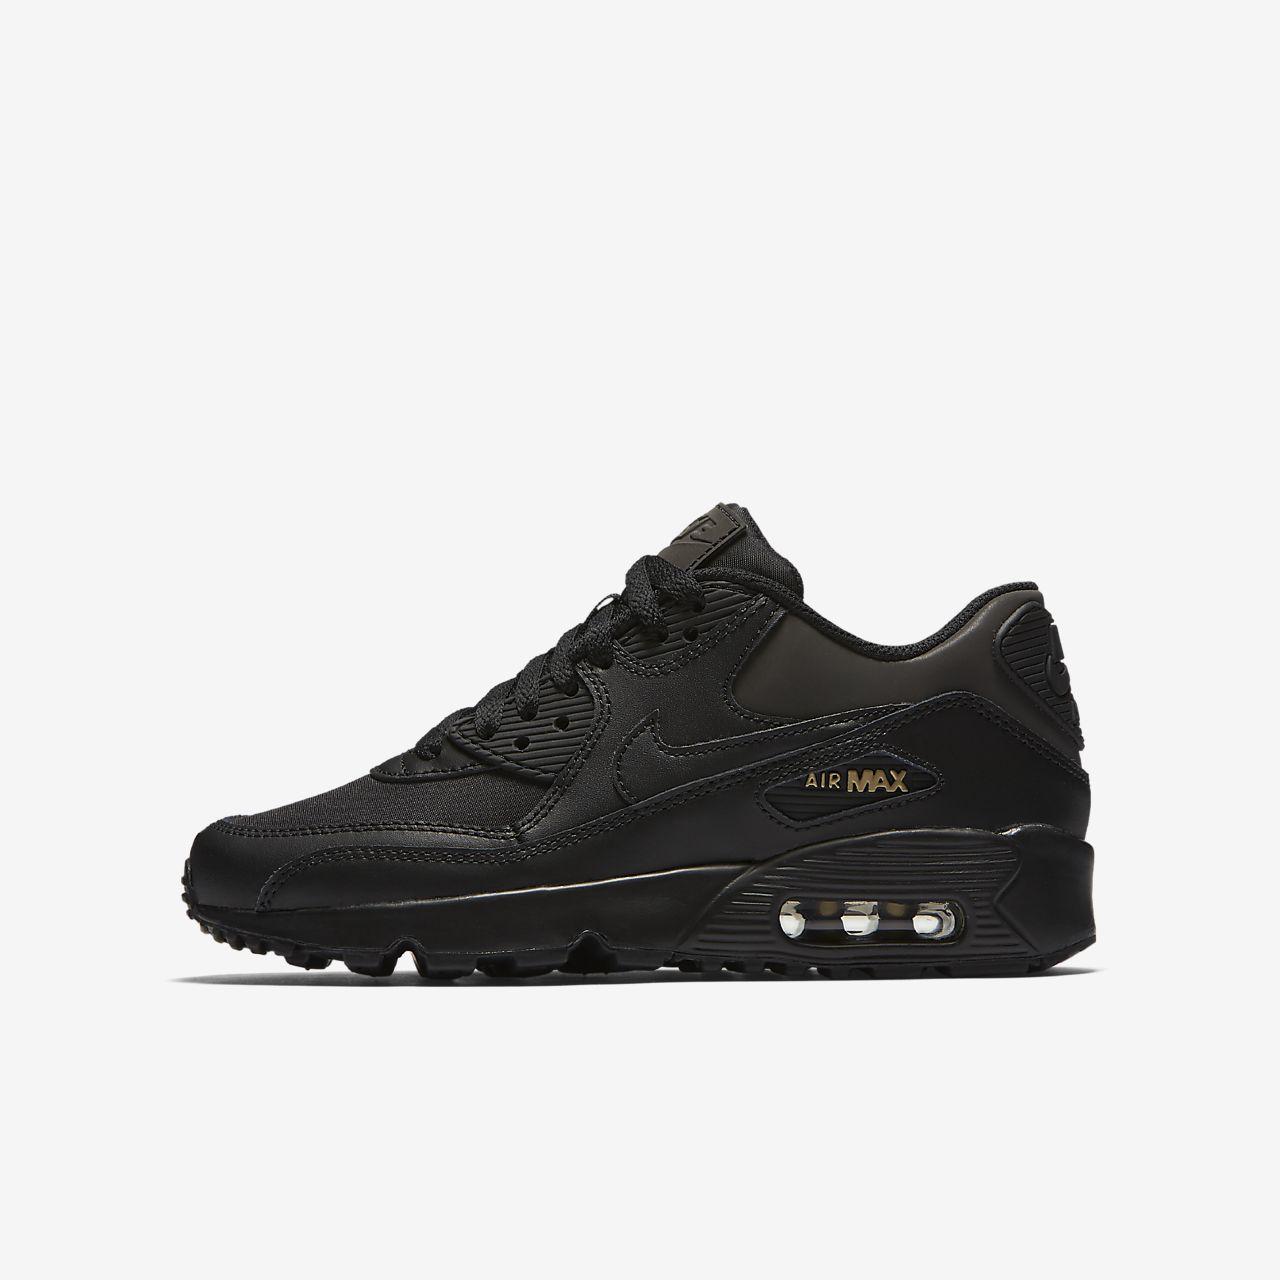 Nike Air Max 90 Premium (AH9345-001) Boy Sneakers Black/Gold